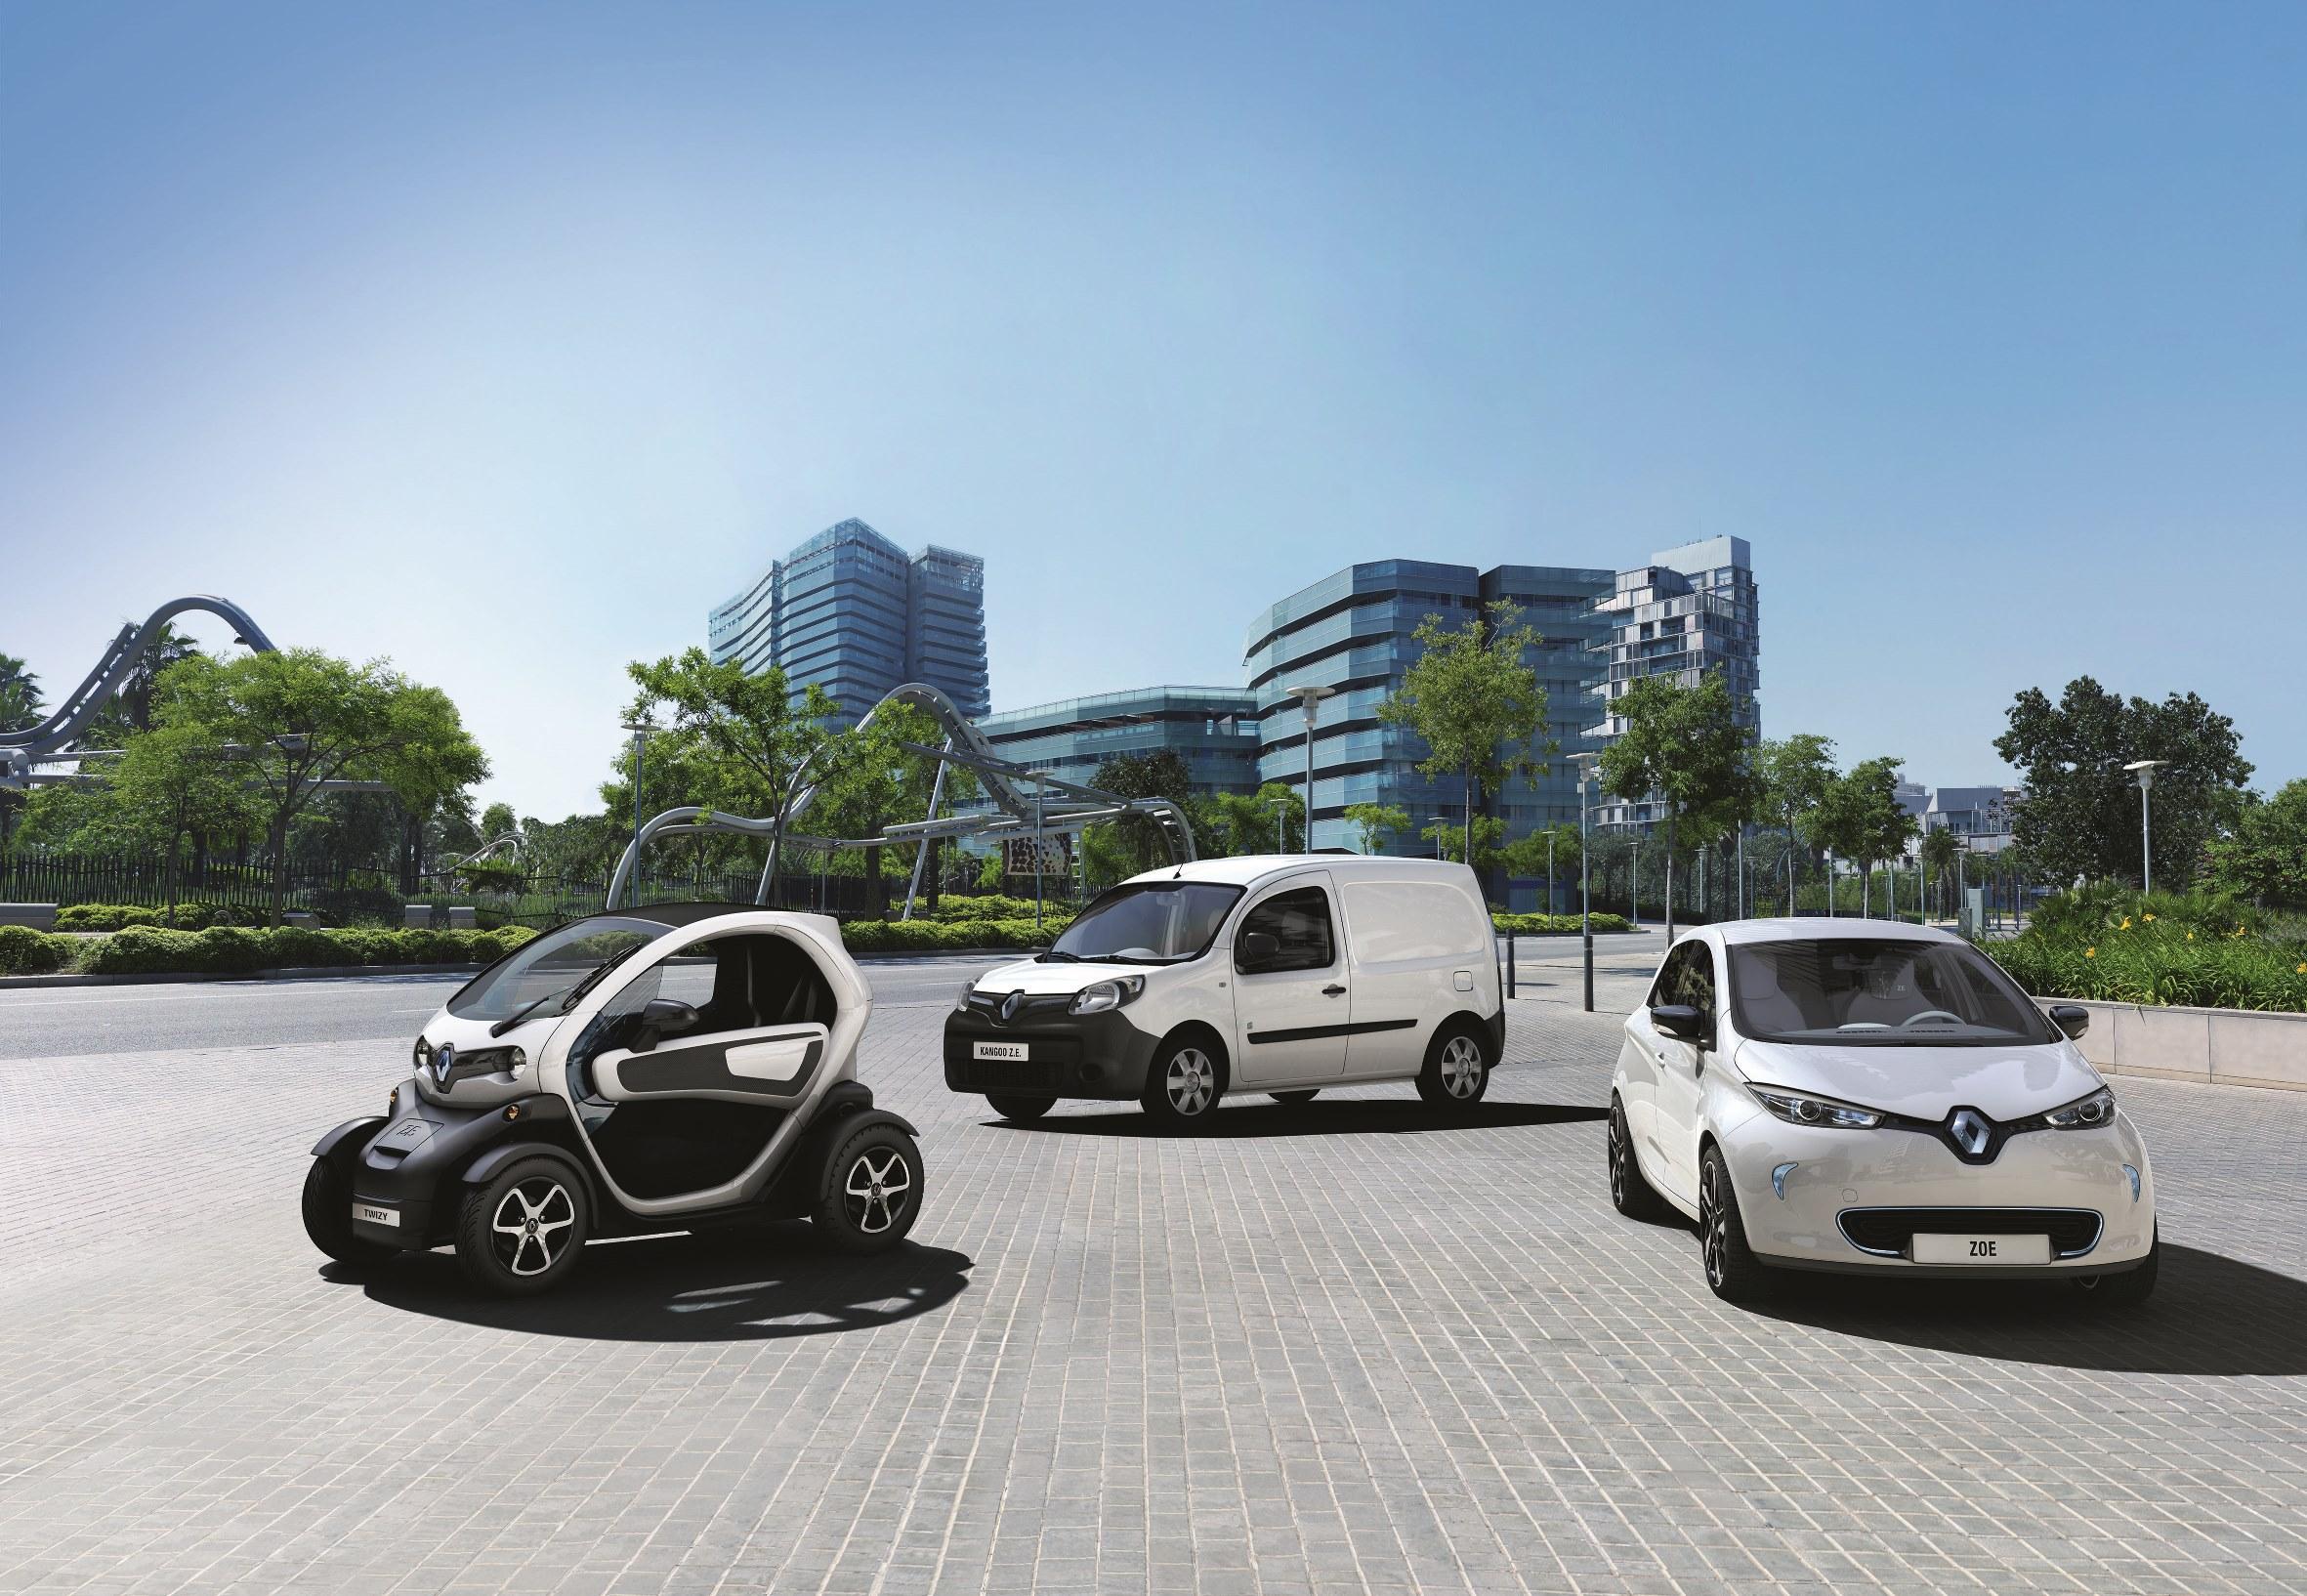 Il car sharing sostenibile secondo Renault